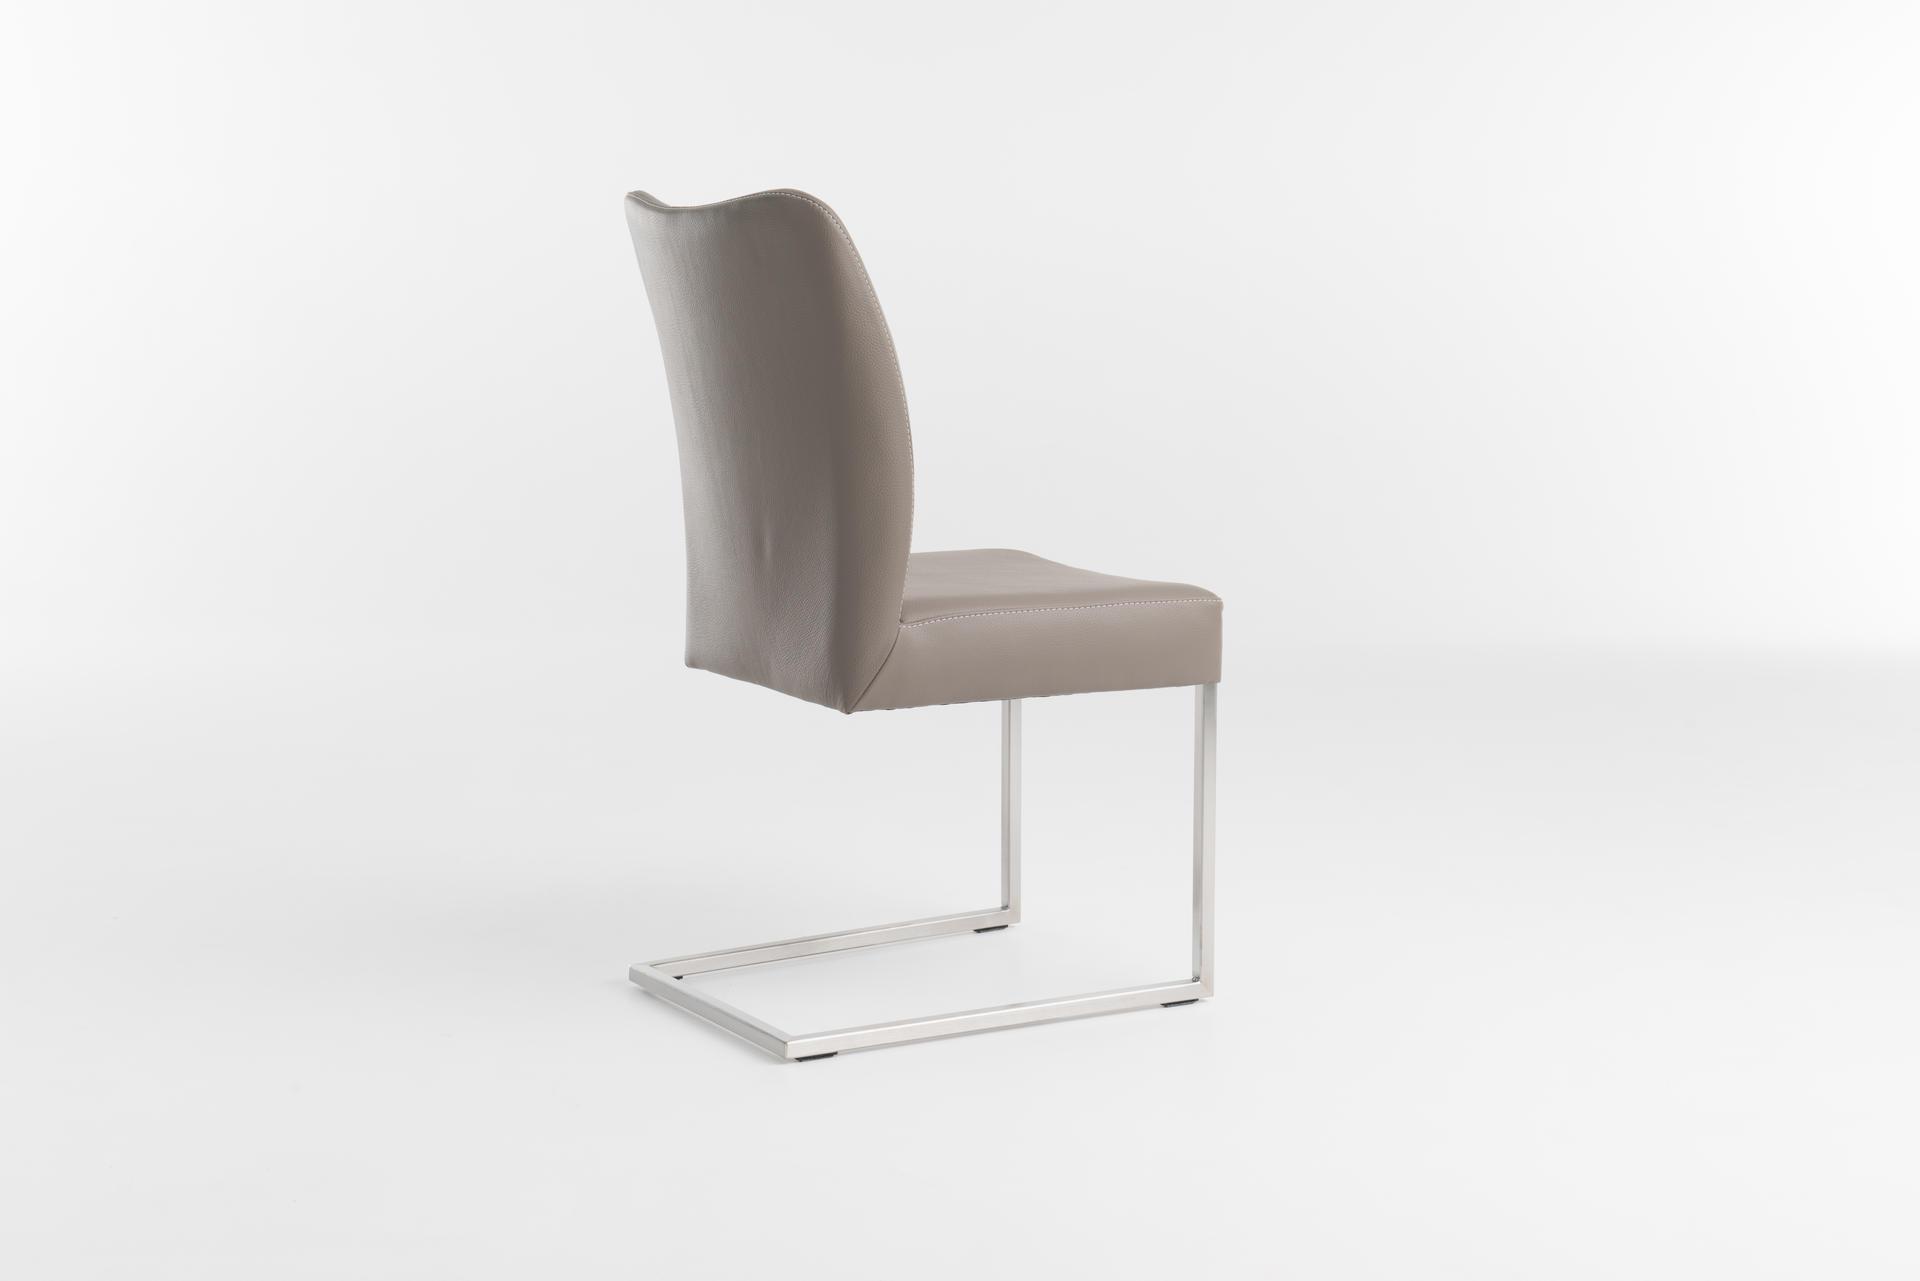 стул Duo, Bert Plantagie, фото 3